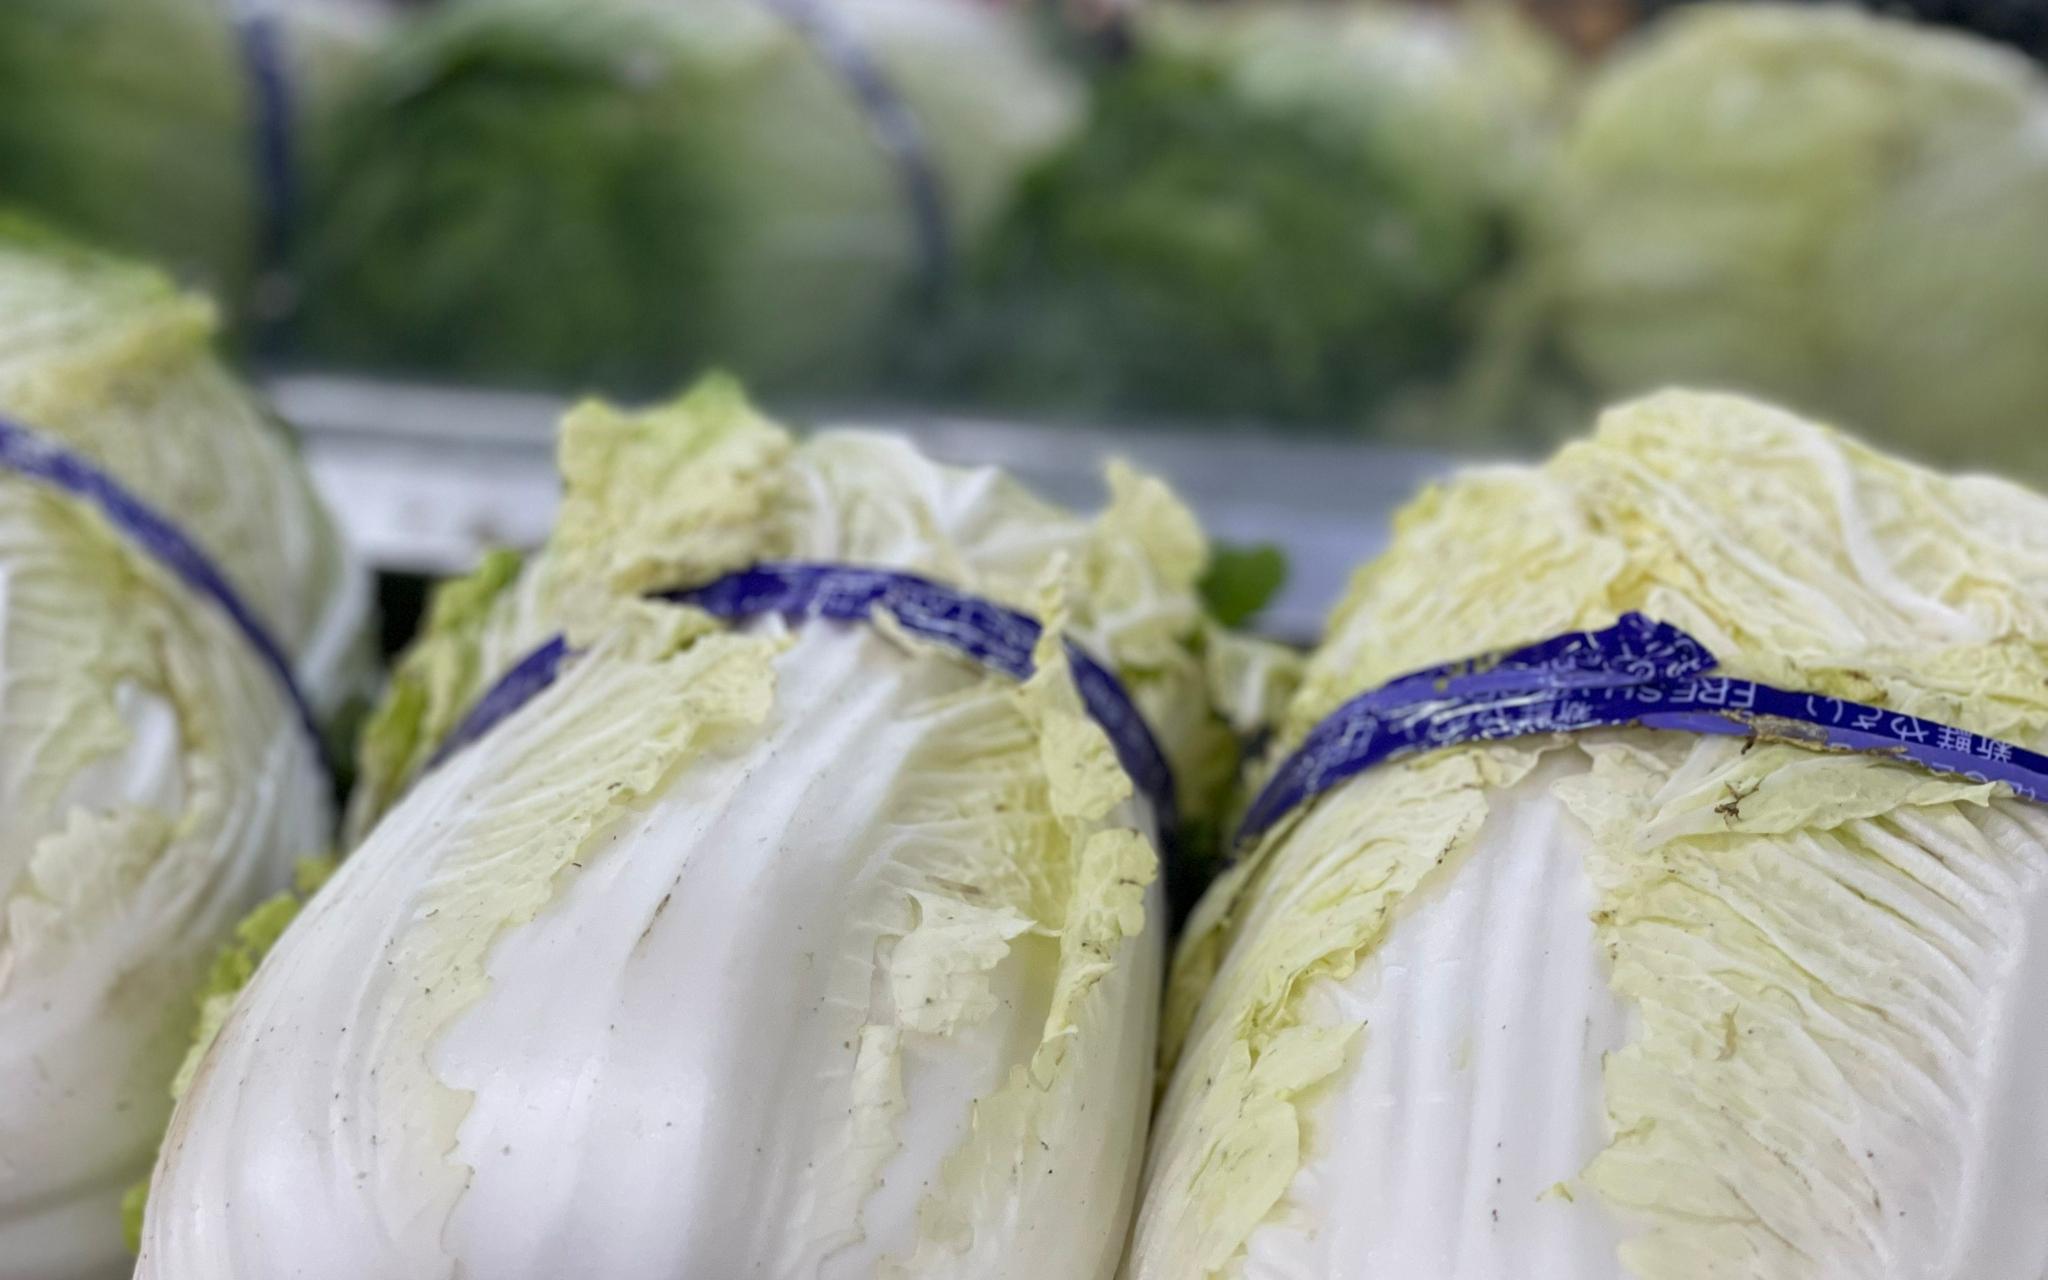 北京:产量减雨水增 大白菜身价翻倍上涨